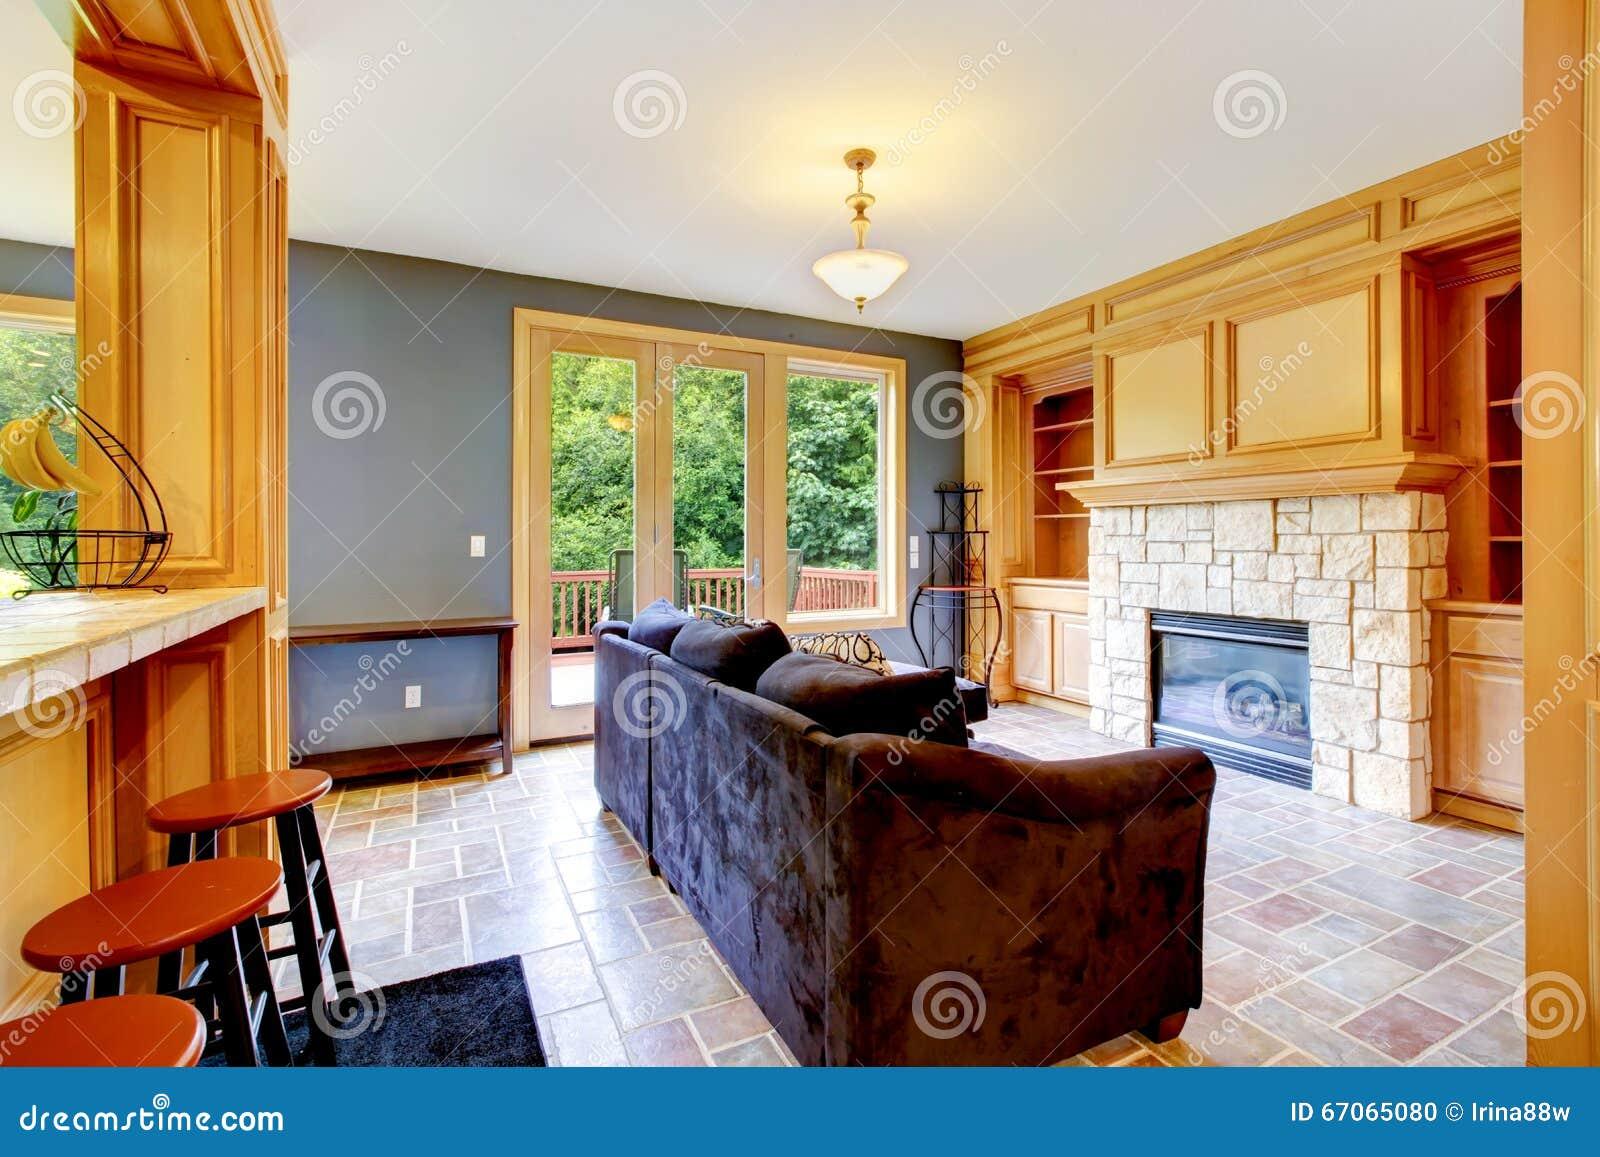 Woonkamer met groene muren en open haard. royalty vrije stock ...